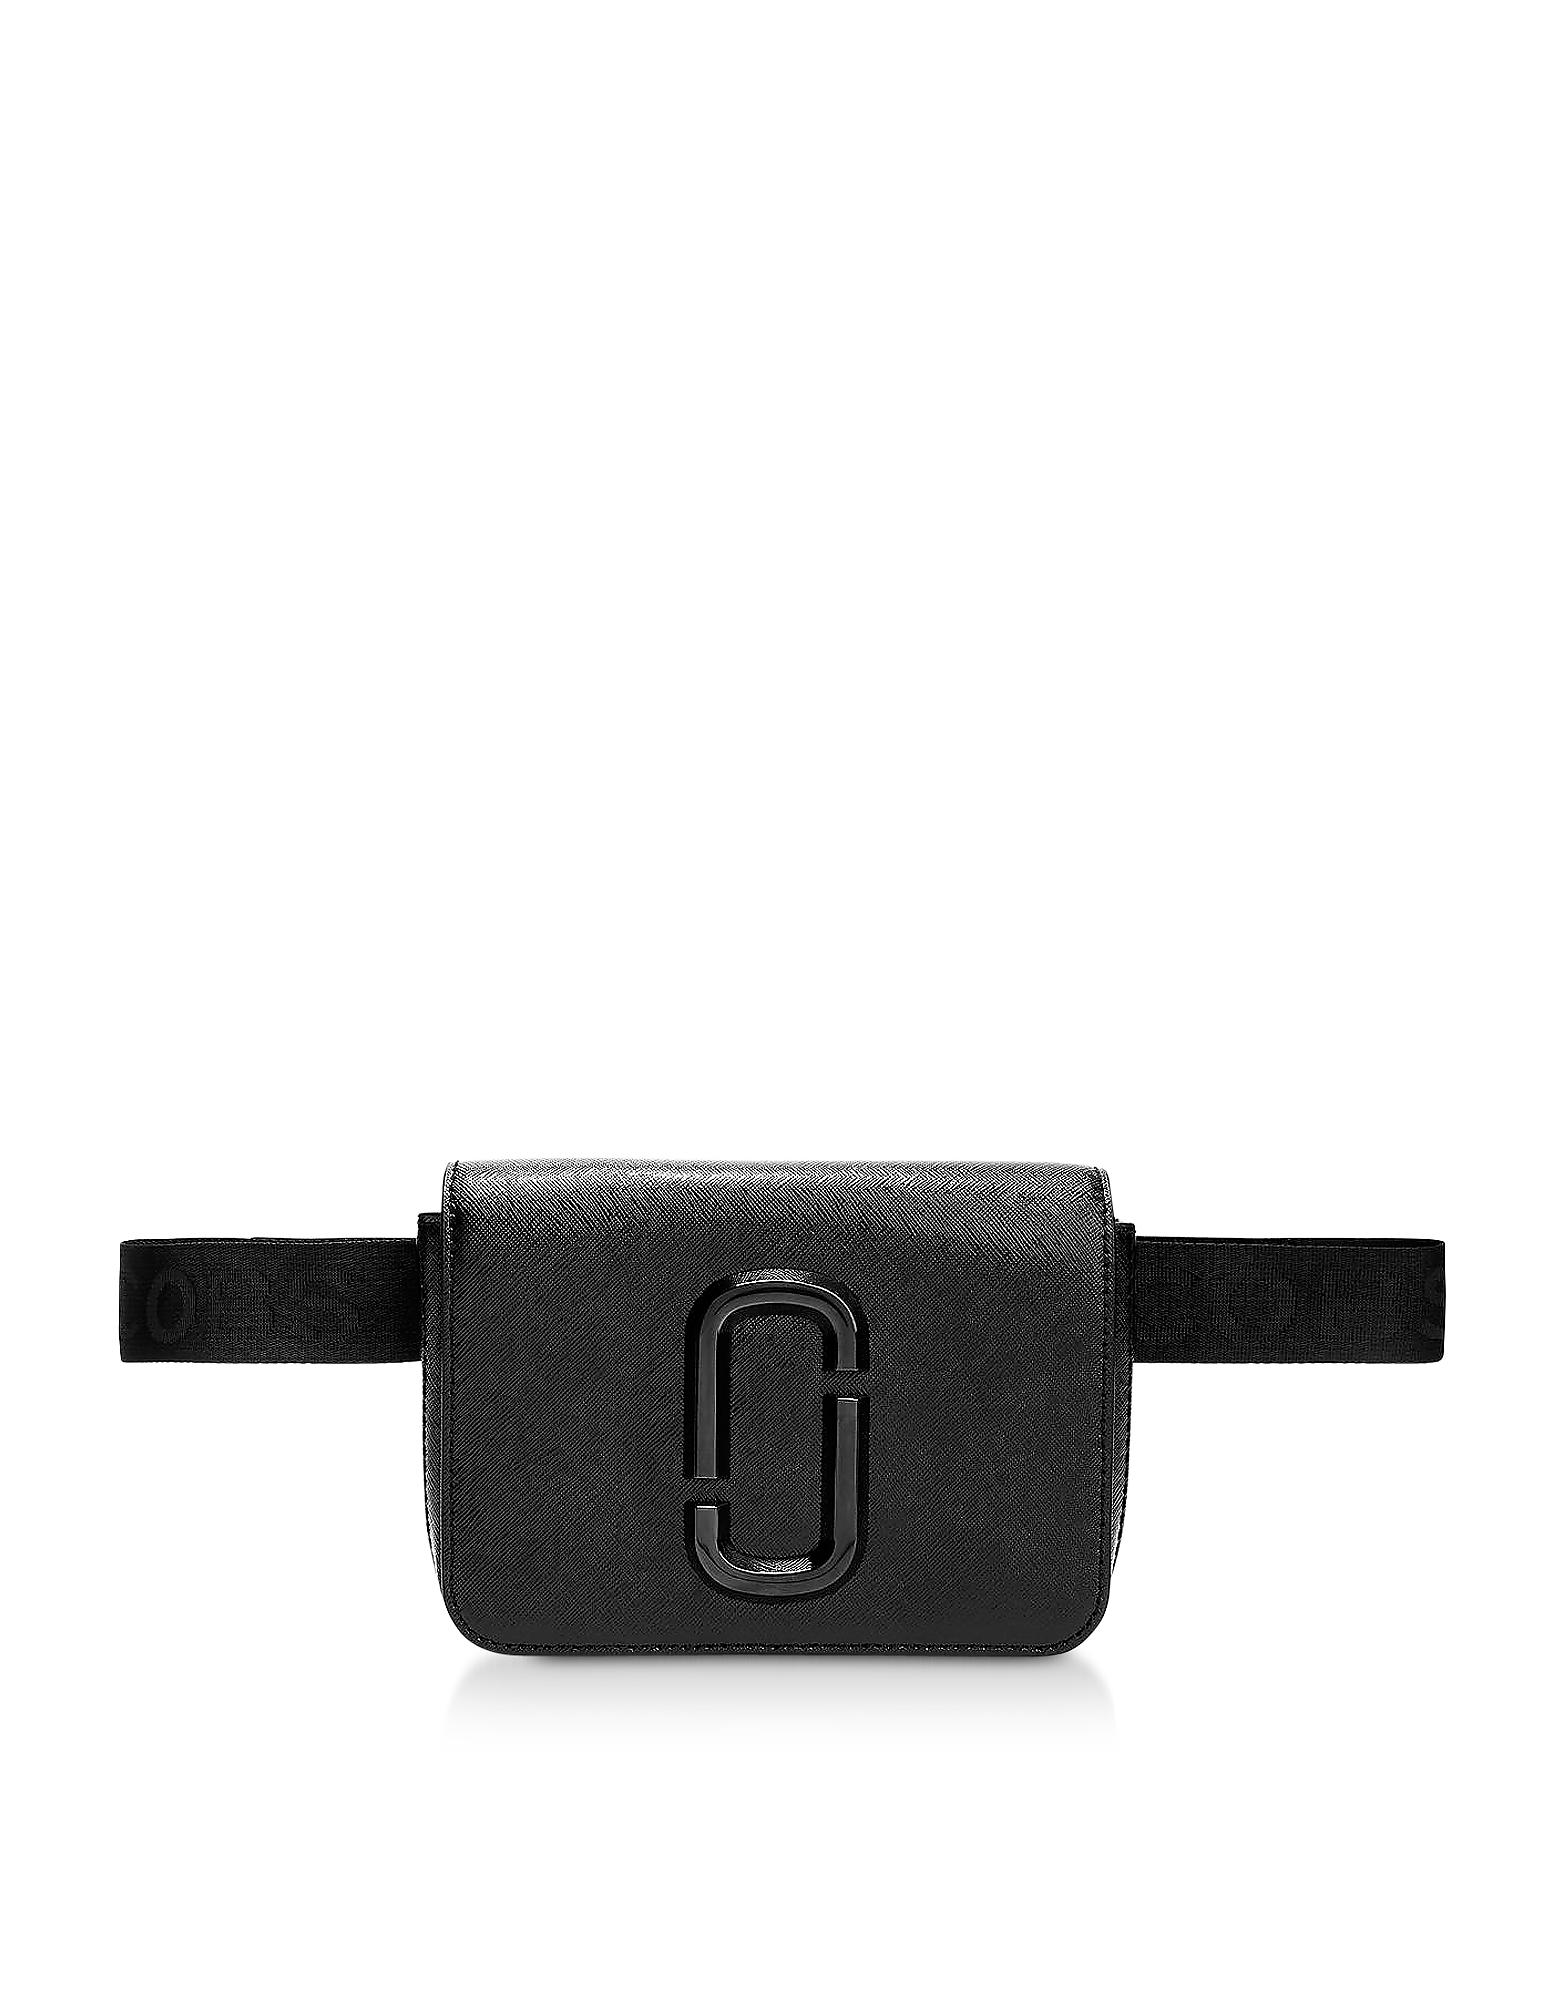 Marc Jacobs Designer Handbags, Black Leather Hip Shot Belt Bag